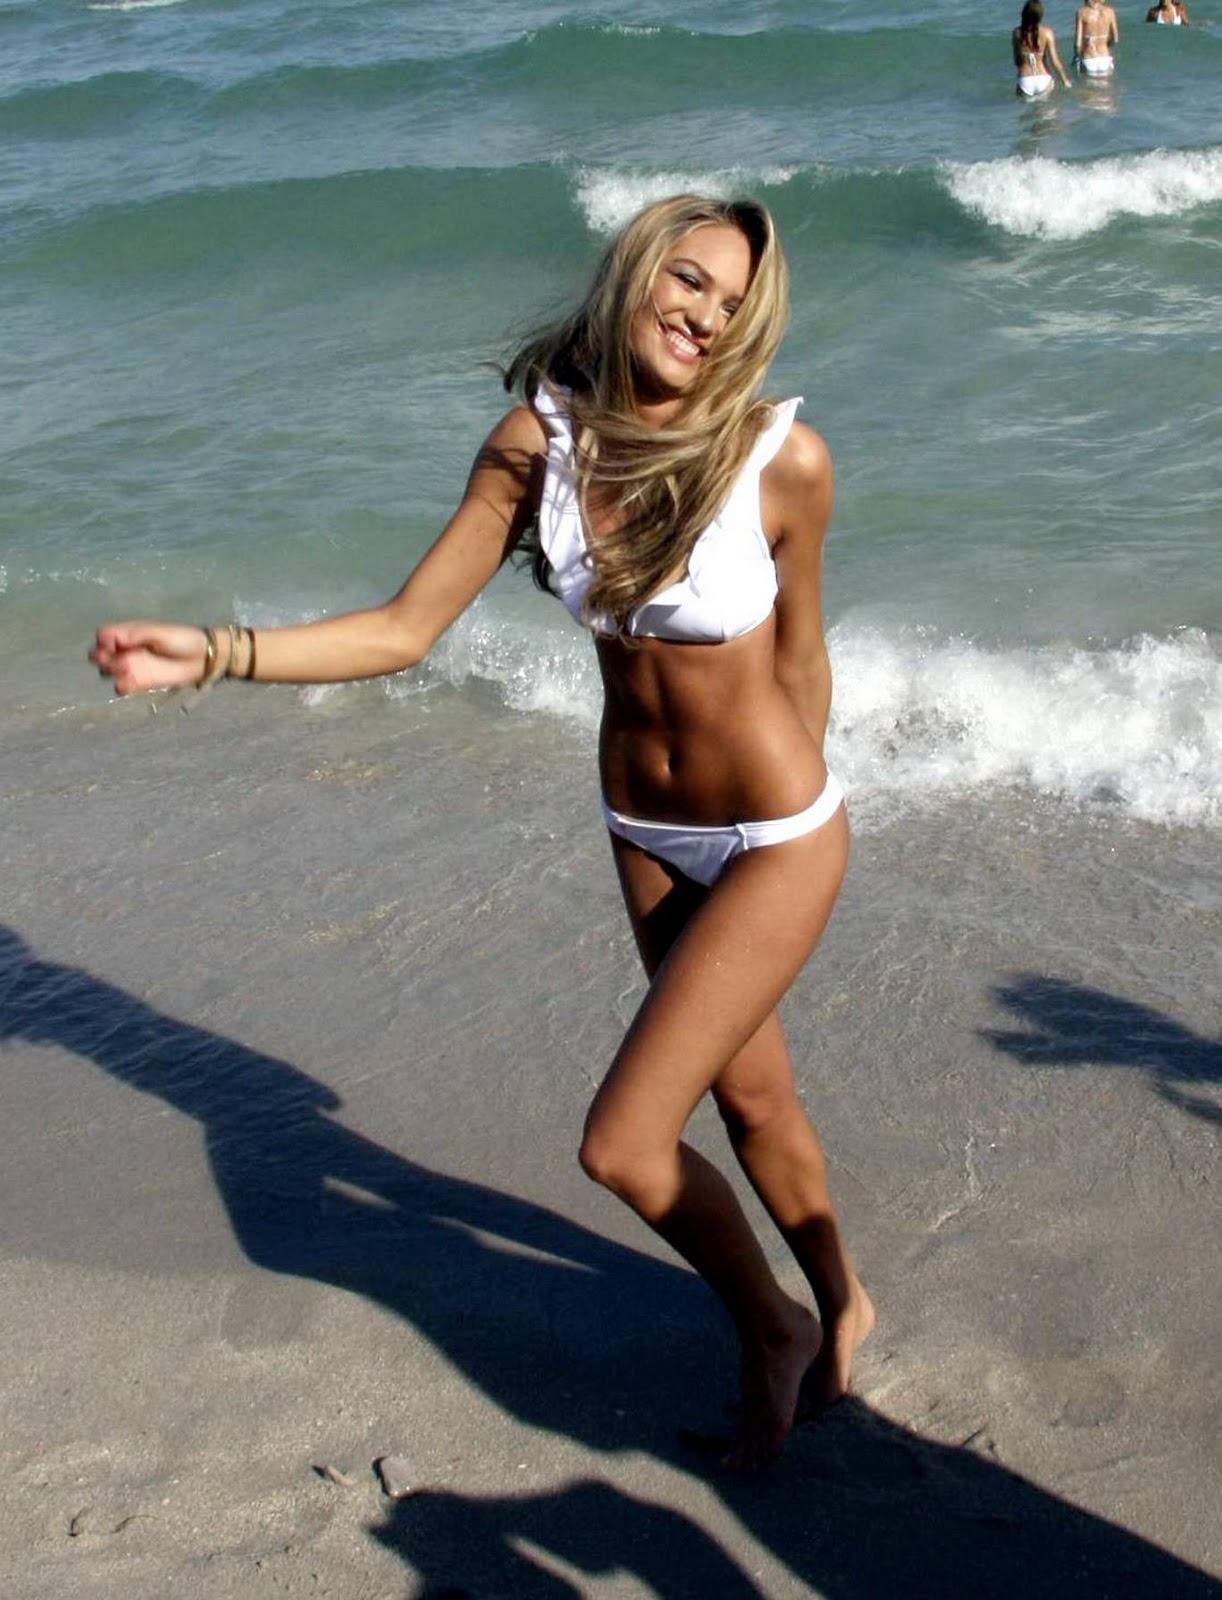 http://3.bp.blogspot.com/-8lnZX3qGeMo/TV5hNzUSRDI/AAAAAAAAI7g/sSo8J7U2W5Q/s1600/Candice+Swanepoel+%2528poses+in+white+bikini%252C+Miami%2529.jpg